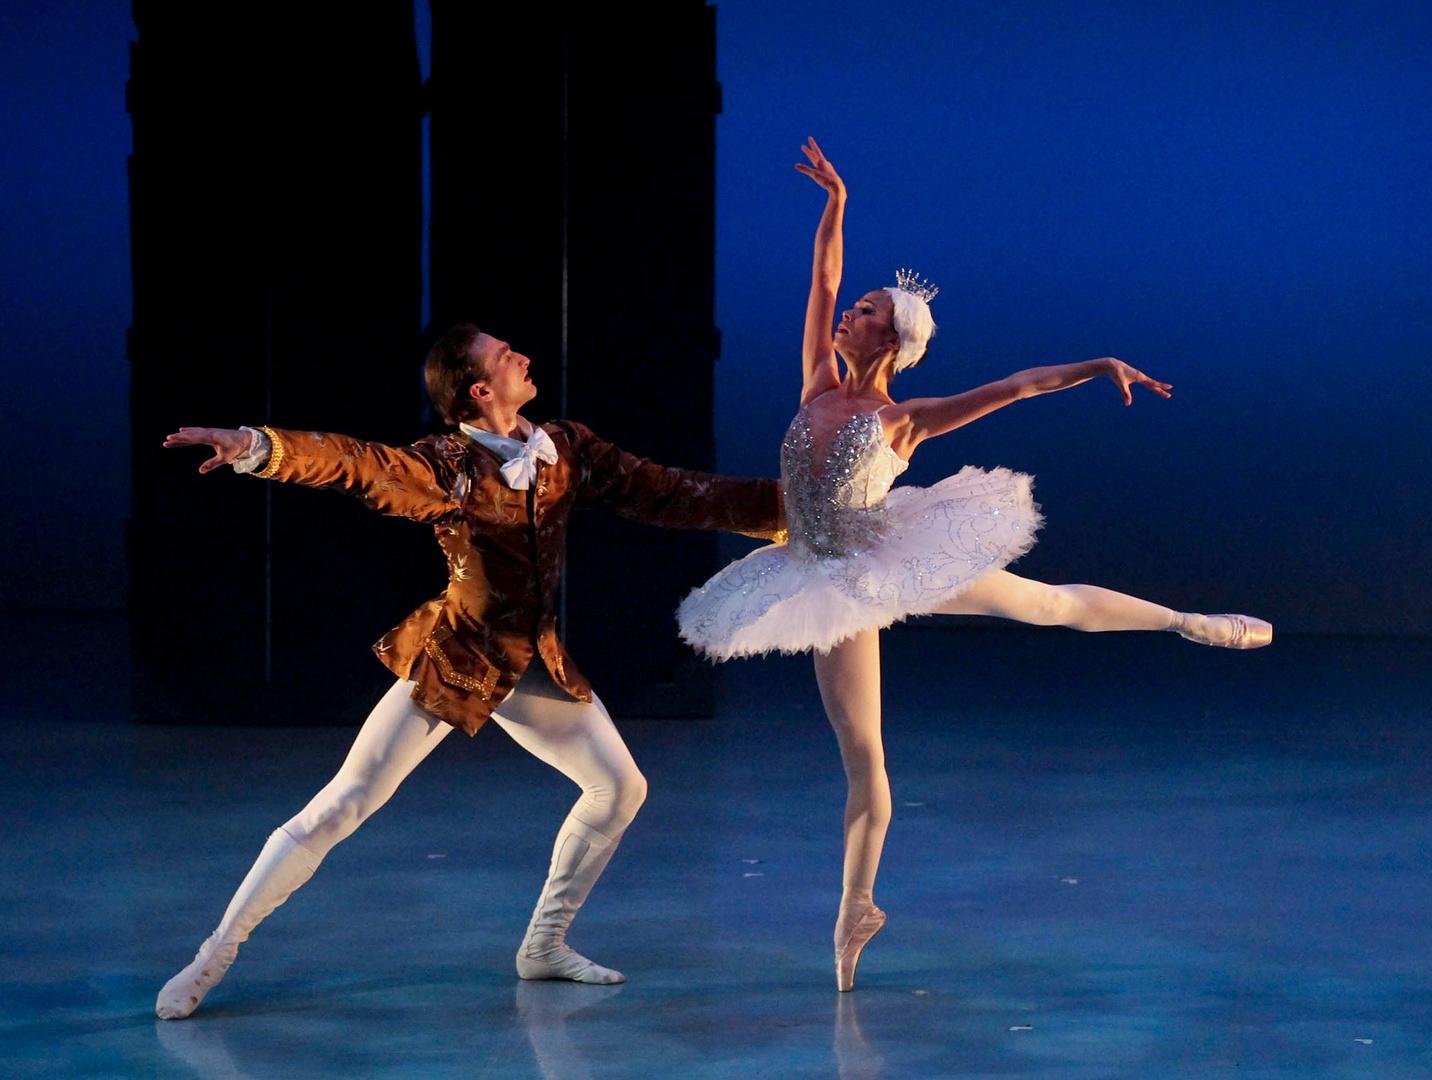 Markham Theatre Ballet